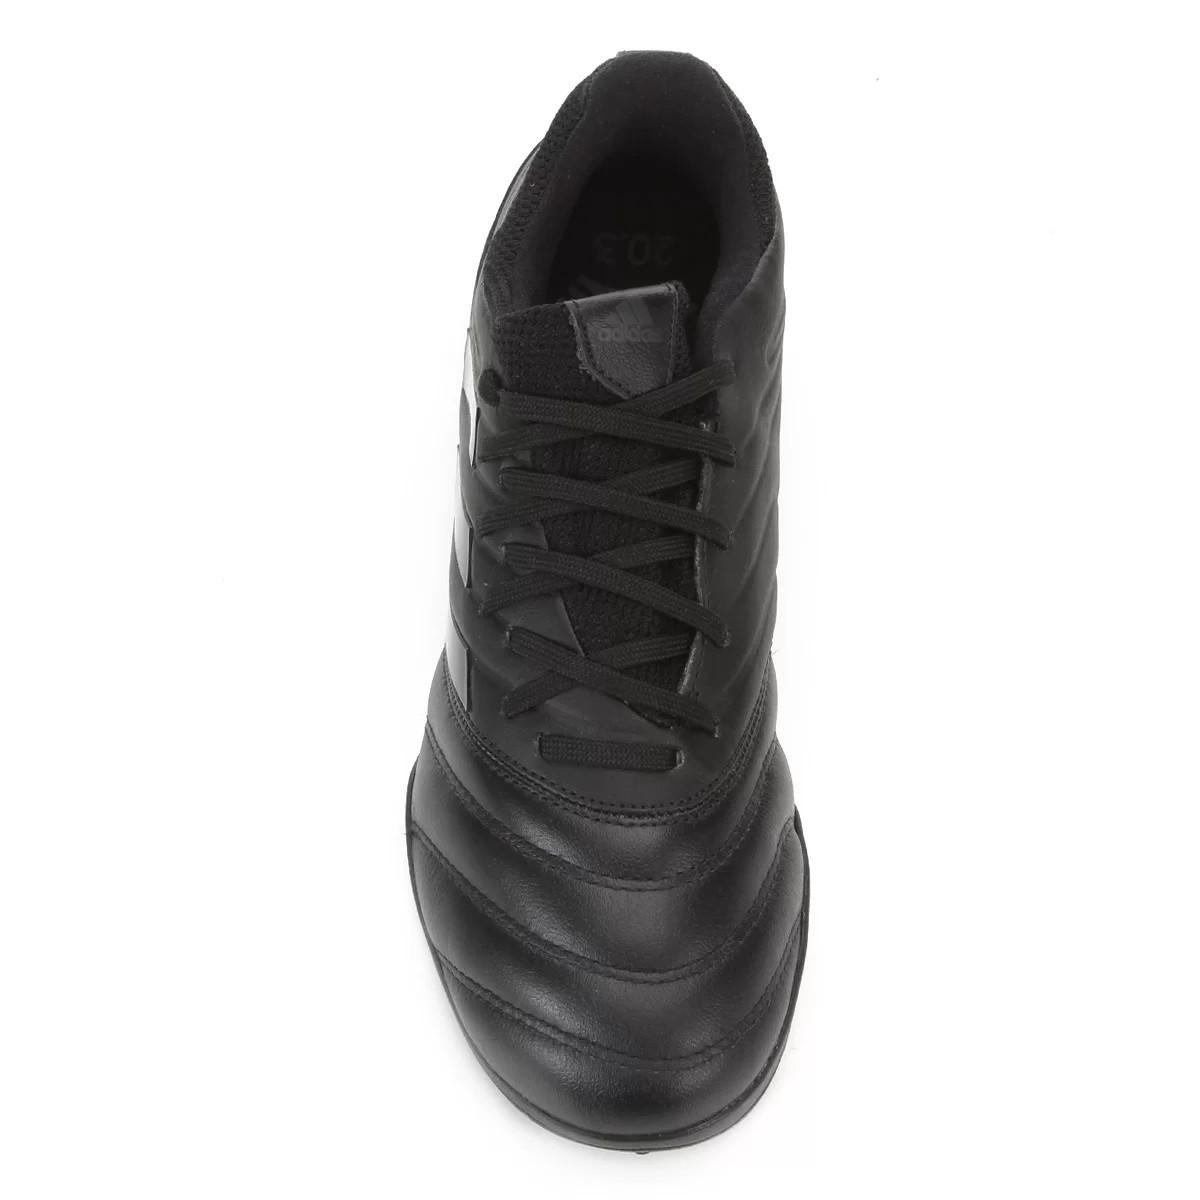 Chuteira Society Adidas Copa 20.3 TF Preto